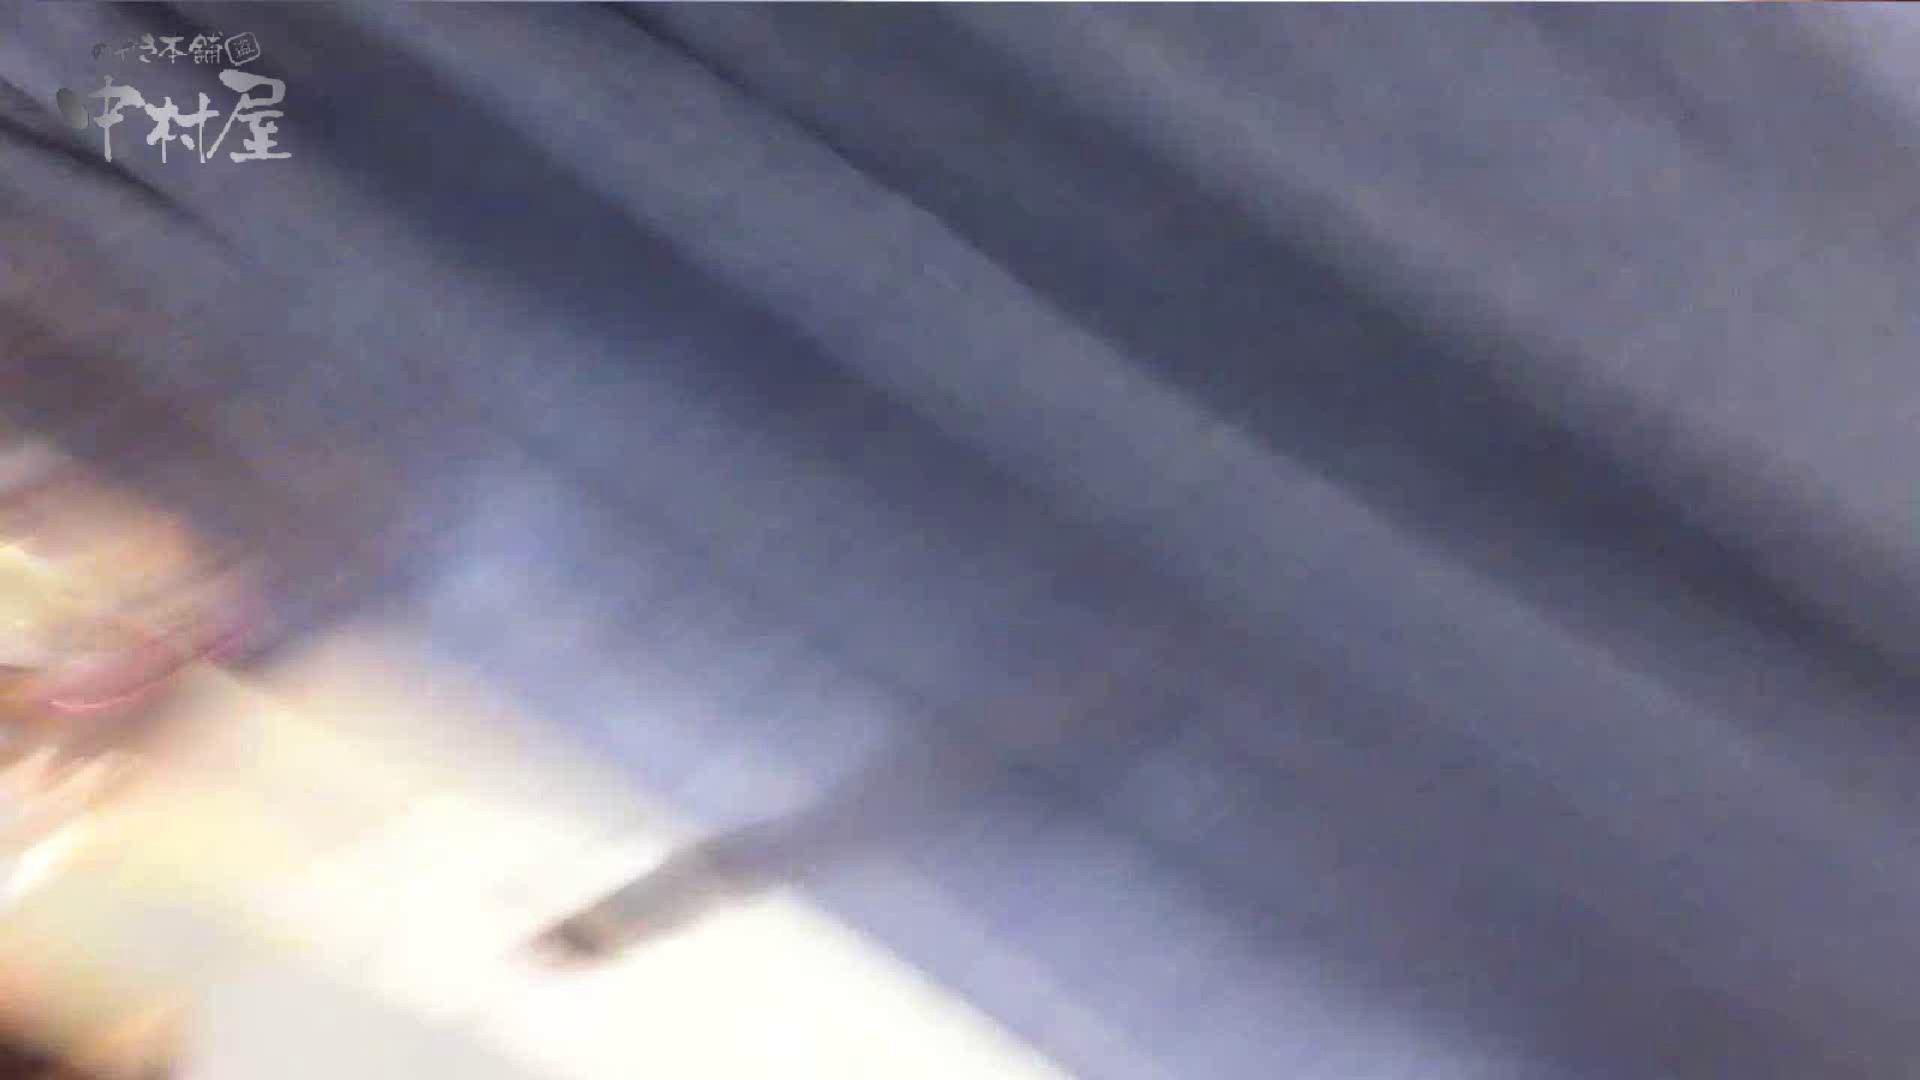 vol.74 美人アパレル胸チラ&パンチラ ブカブカセーターあざっす! チラ | パンチラ  82画像 61